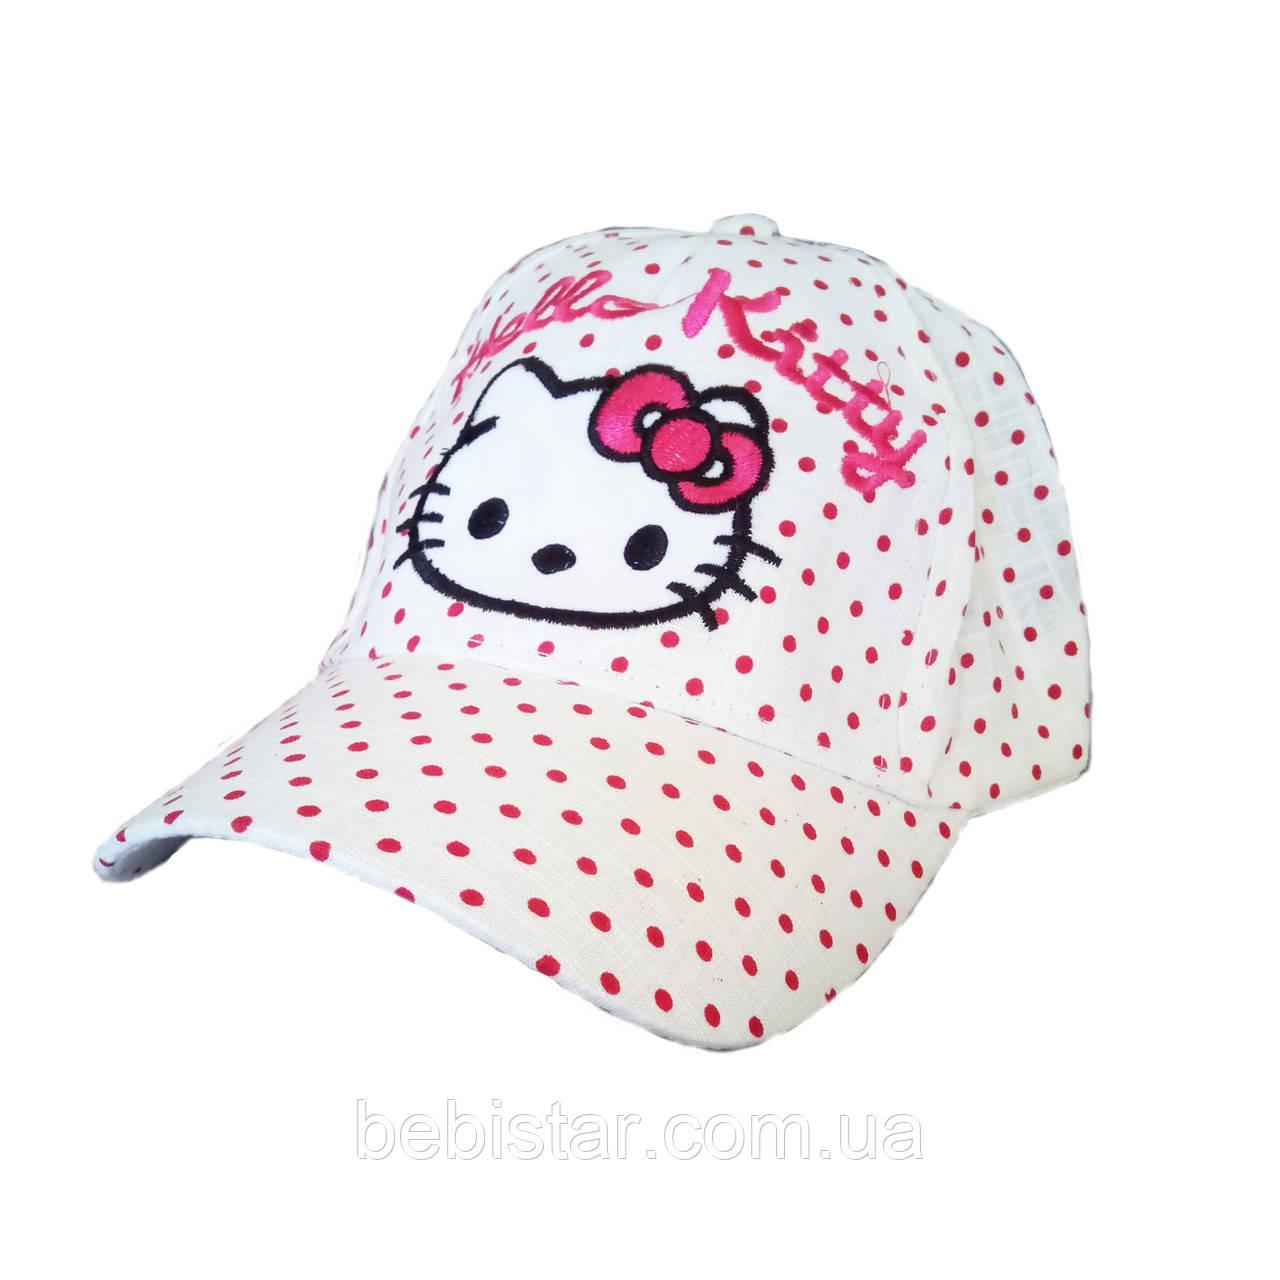 Кепка бейсболка белая в розовый горох для девочки